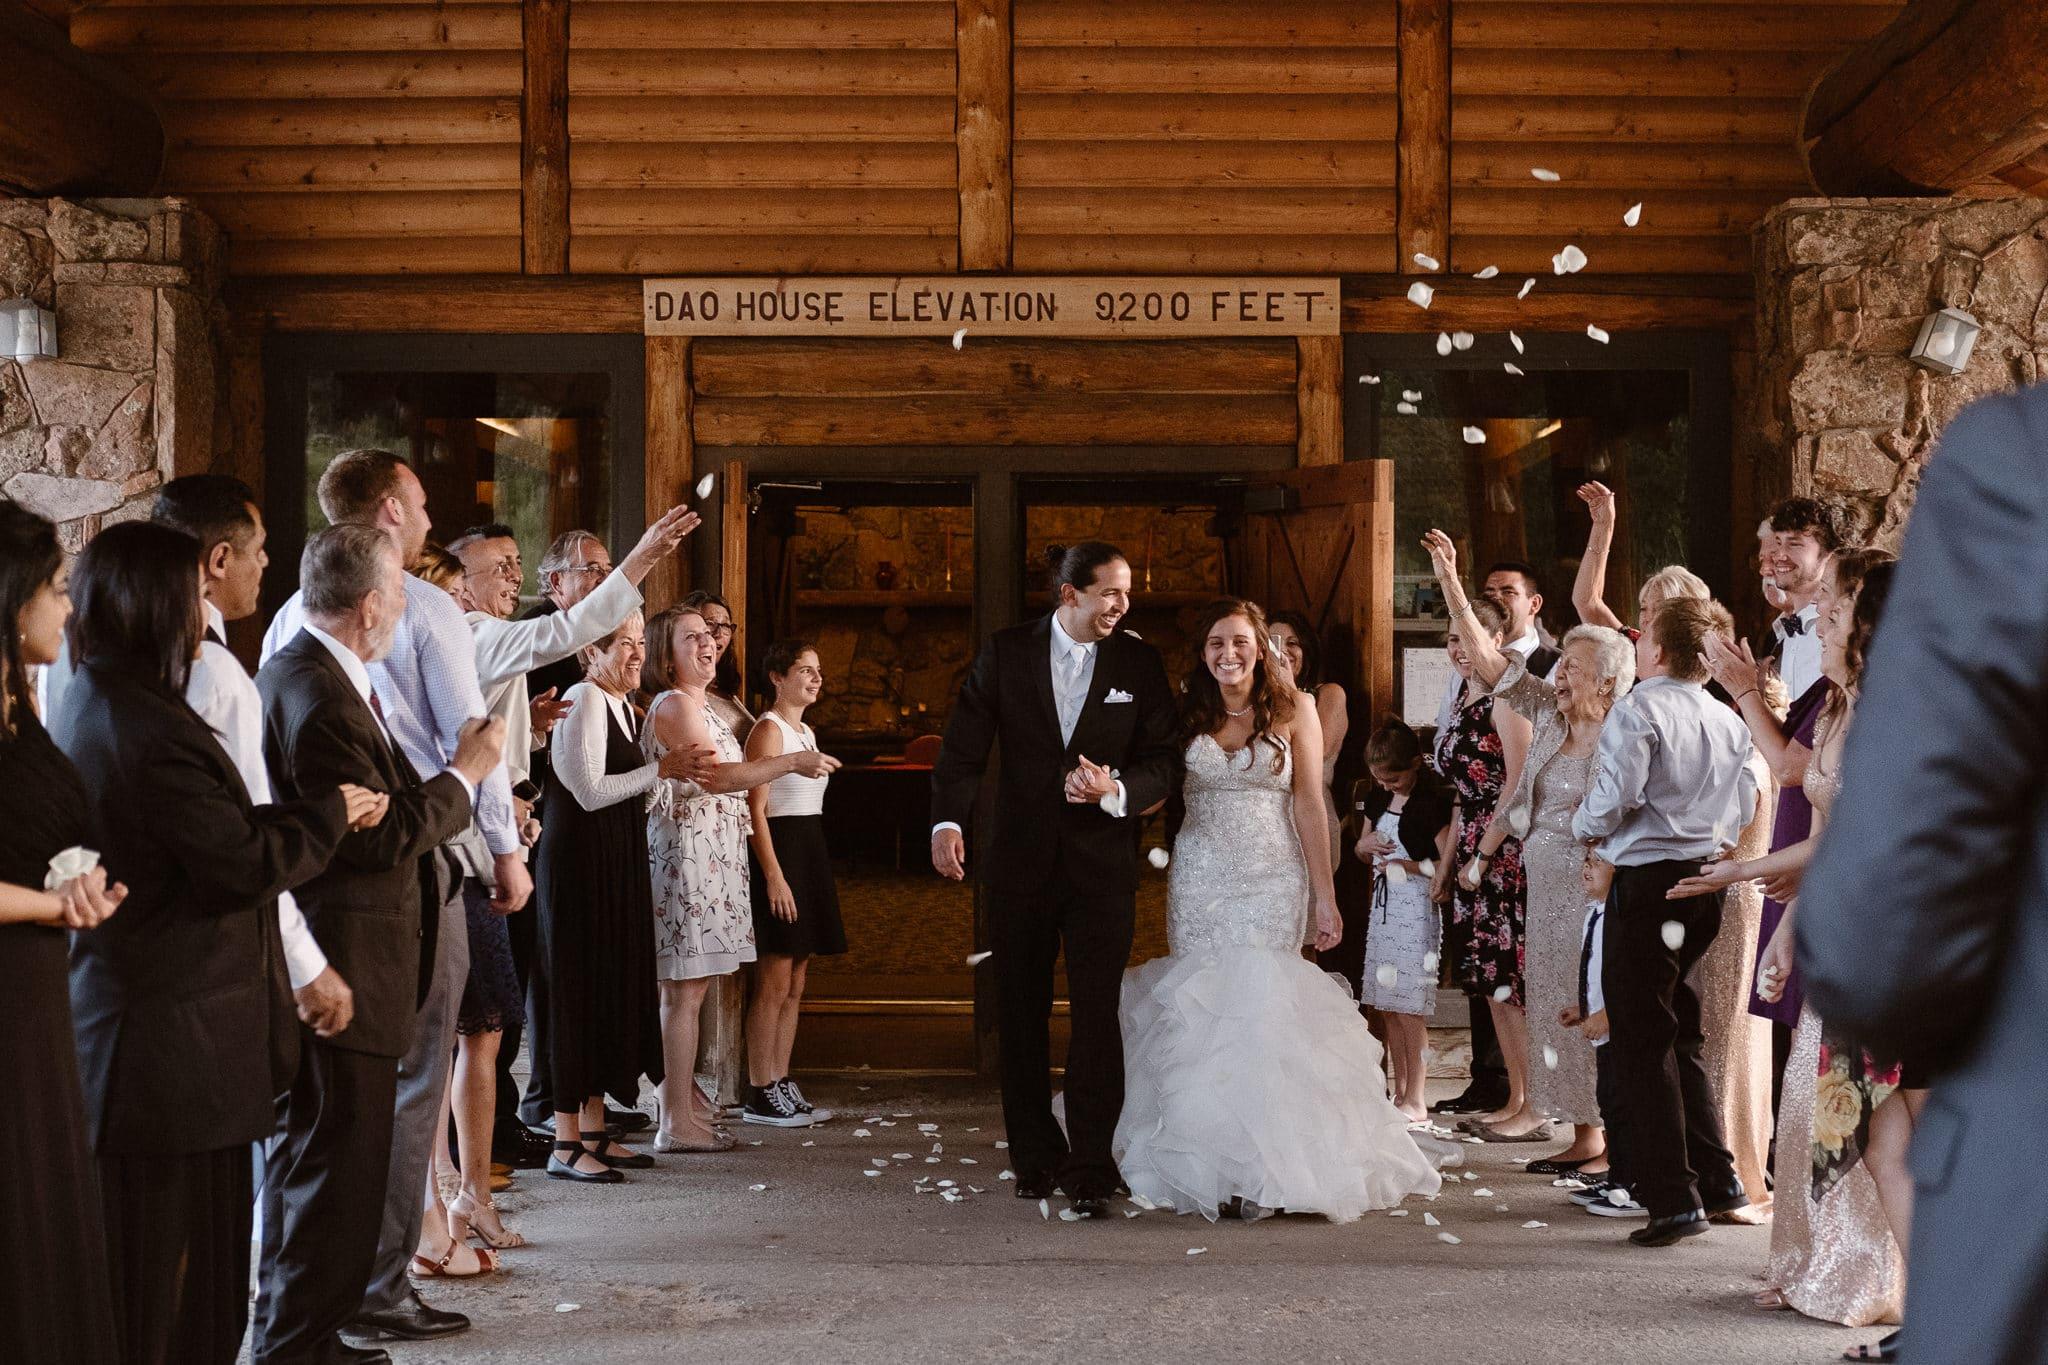 Dao House wedding photographer, Estes Park wedding venue, Colorado mountain wedding, bride and groom flower petal exit, grand exit, flower petal sendoff